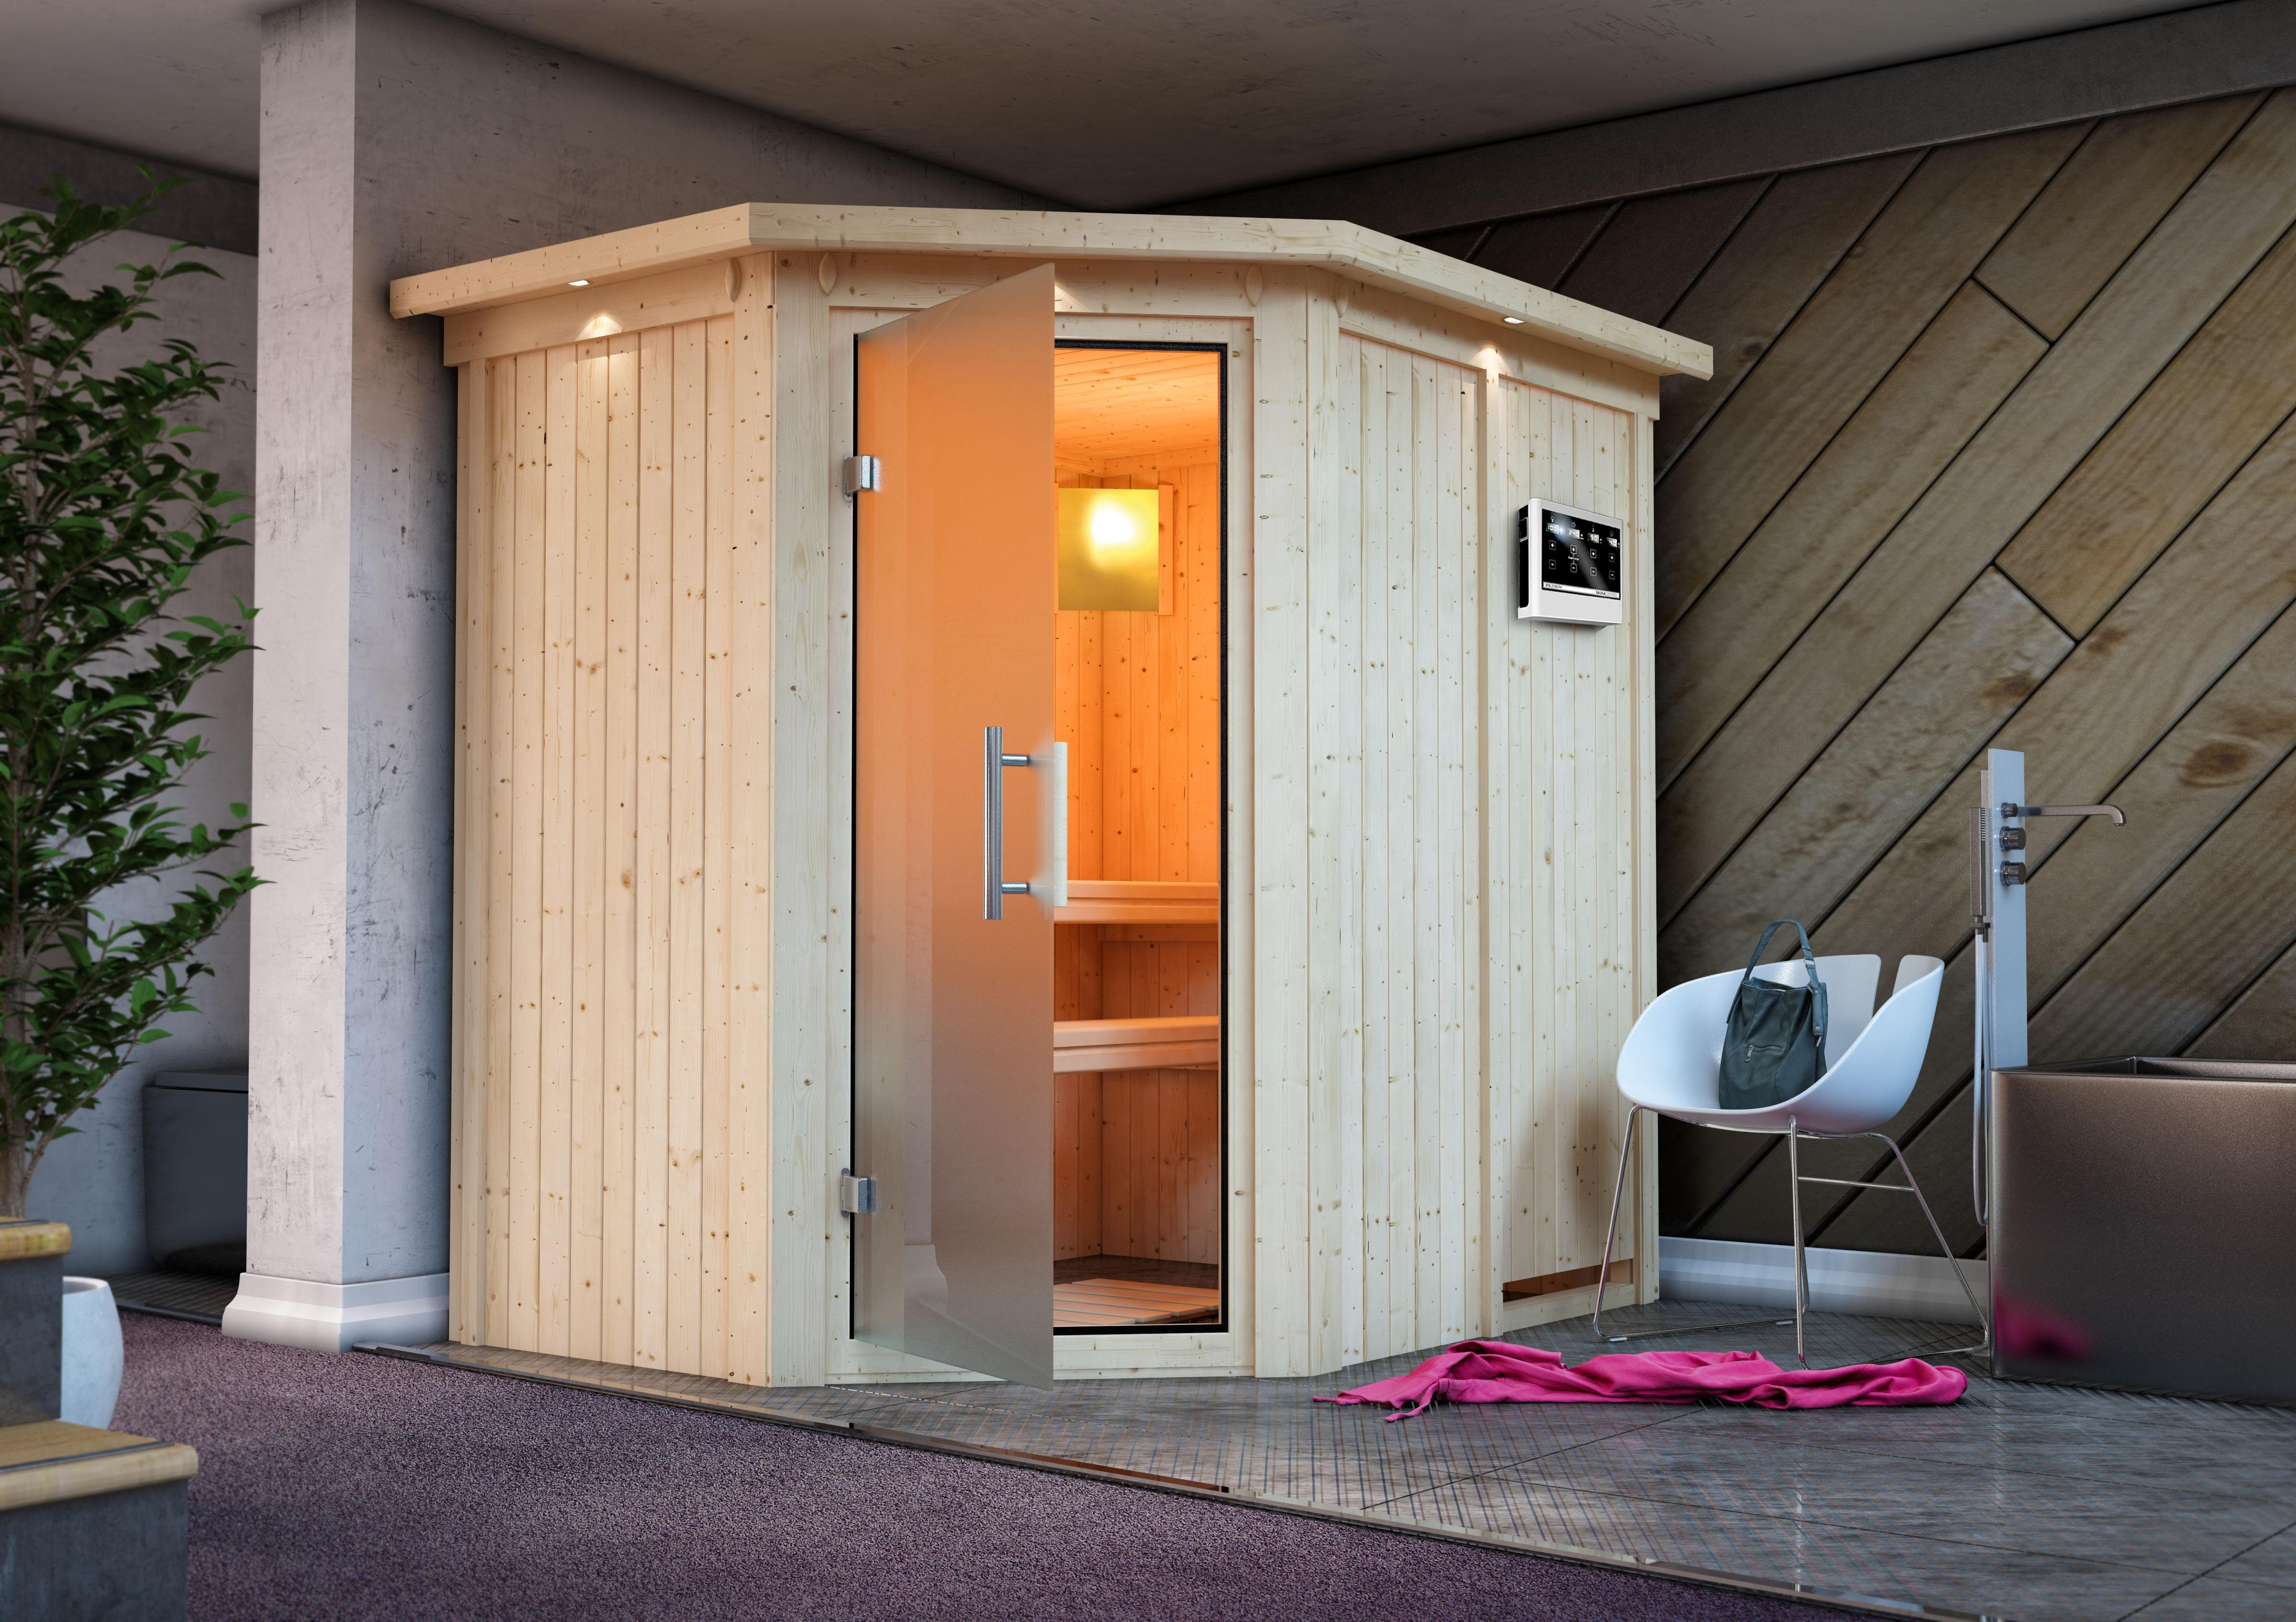 heimsauna kosten heimsauna dampfbad fr zuhause was kostet die bei einer frau infraworld. Black Bedroom Furniture Sets. Home Design Ideas